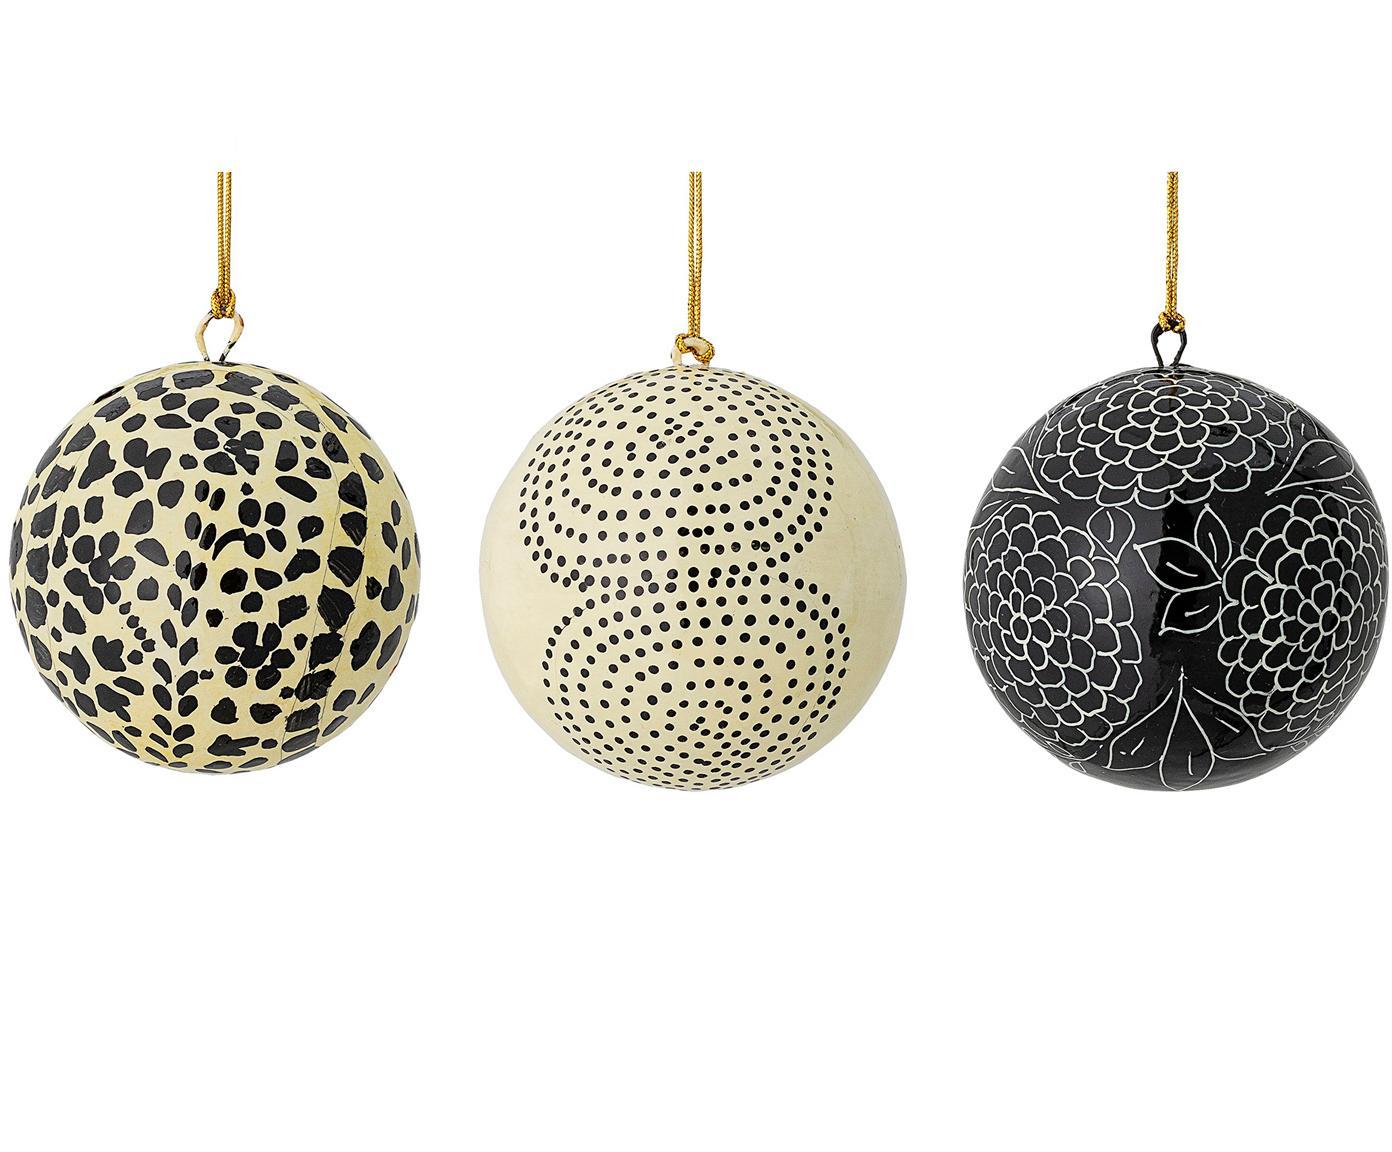 Handgemaakte kerstballenset Mech, 3-delig, Papiermaché, Beige, zwart, Ø 8 cm